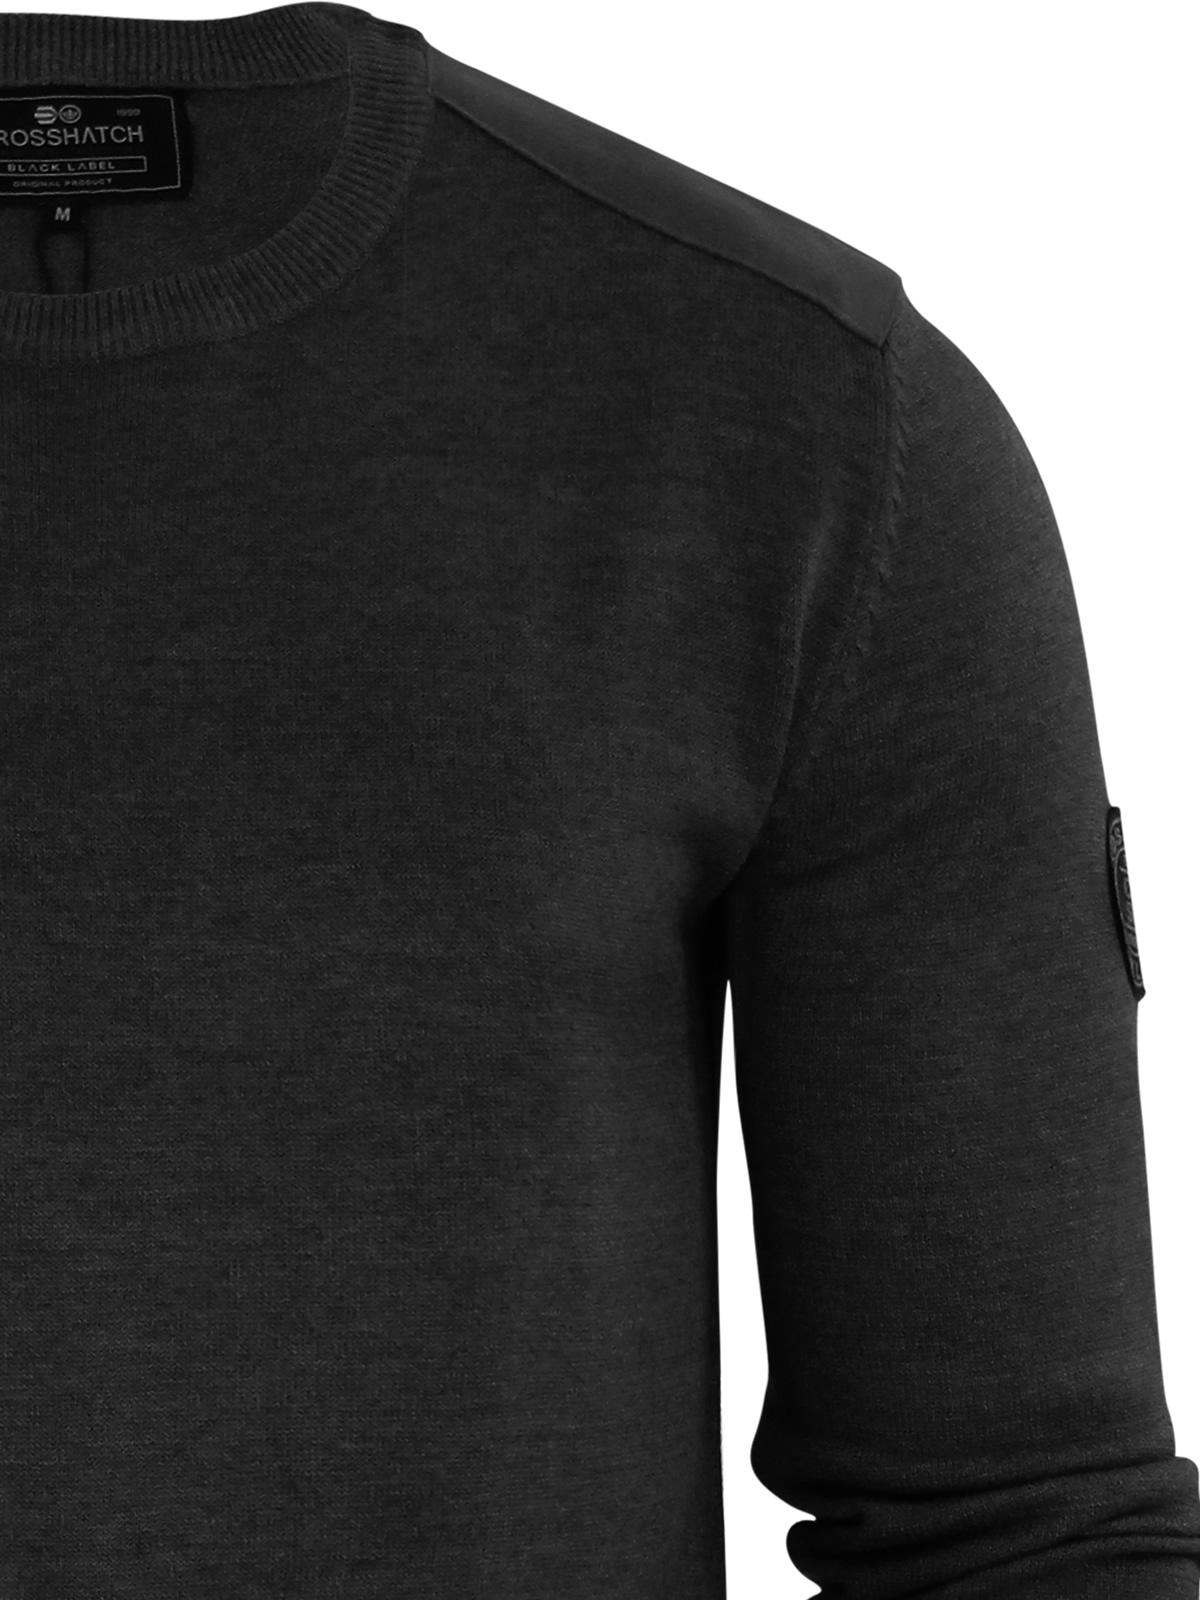 herren-pullover-crosshatch-barrowell-rundhals-strickpullover Indexbild 16